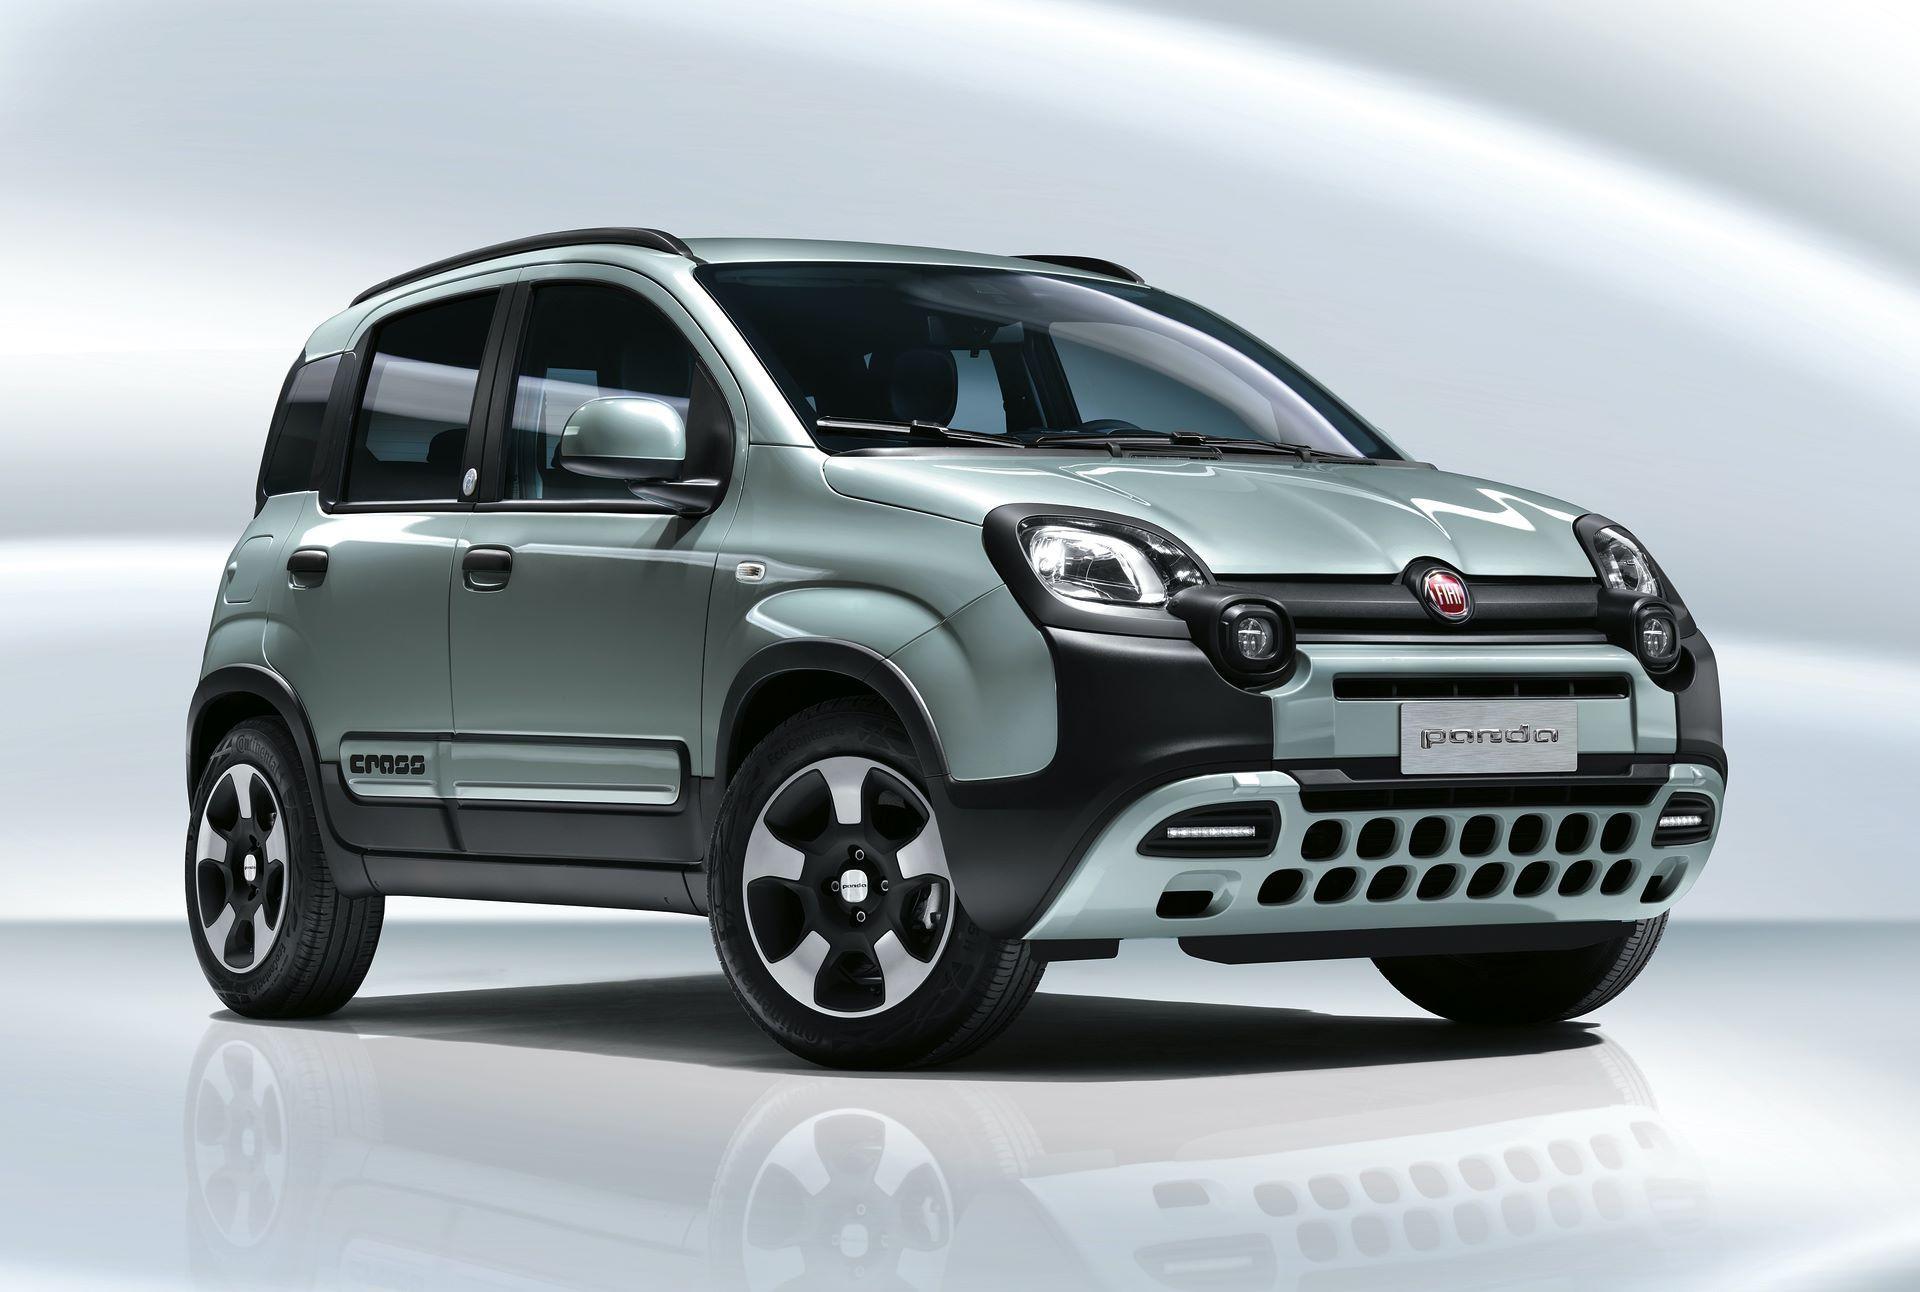 Fiat_Panda-Hybrid_01-5